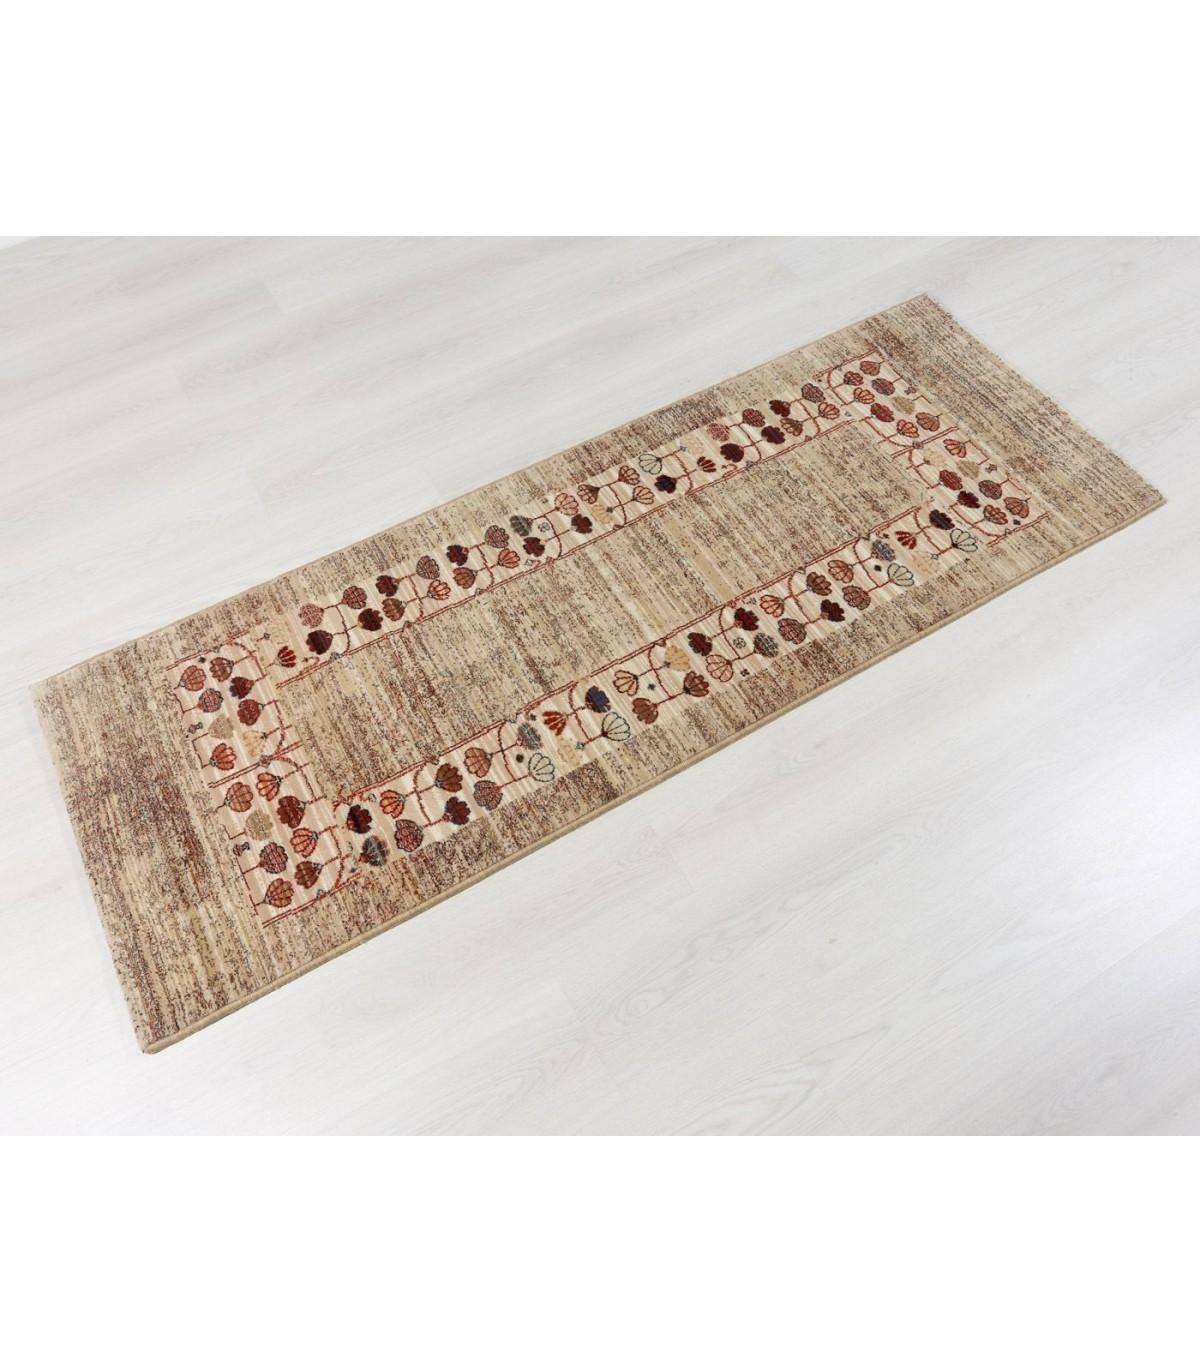 Alfombra de lana para pasillos modelos Dekor 2407. Varias